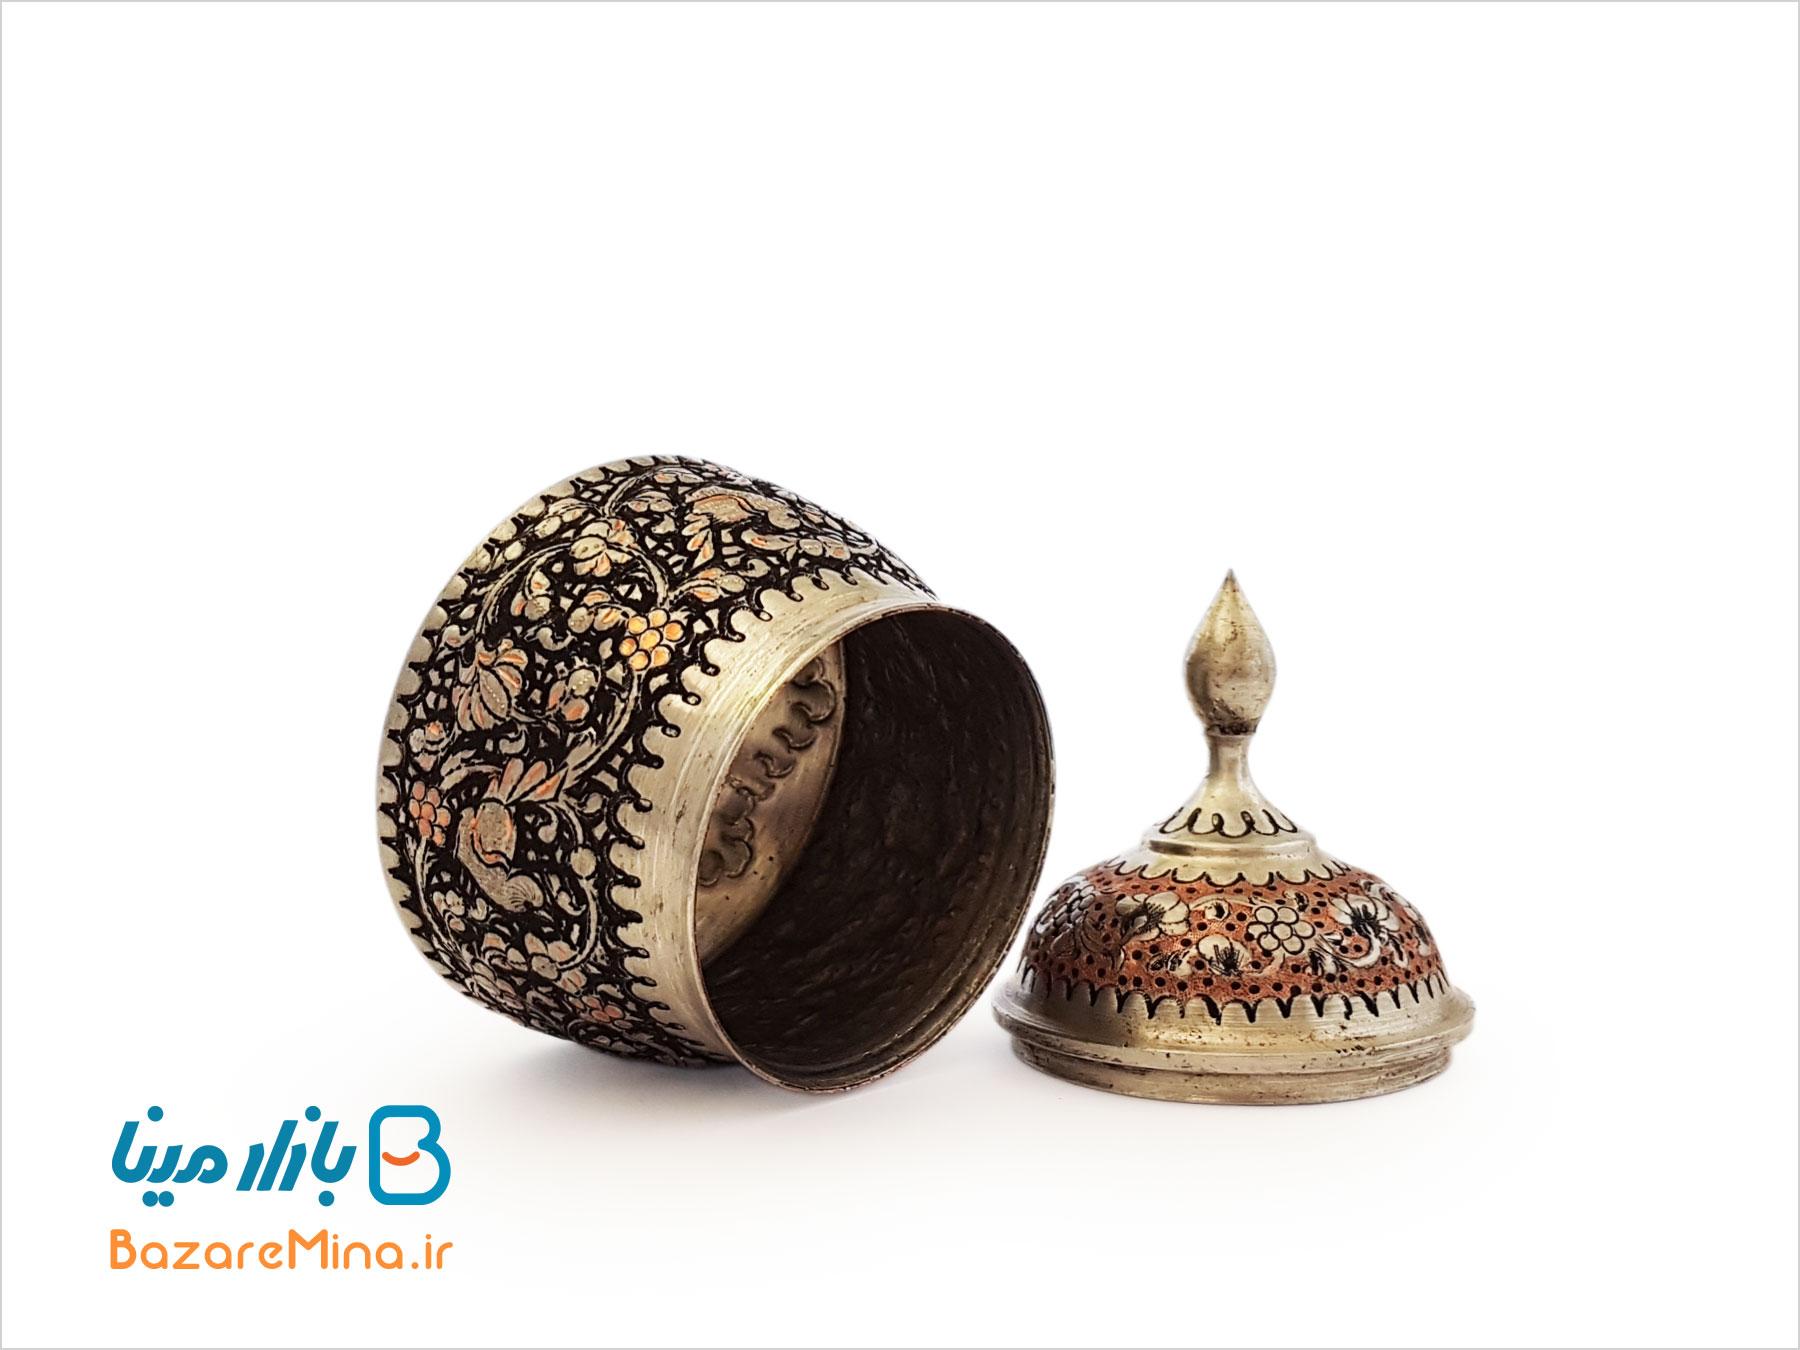 قندان کوچک قلمزنی اصفهان